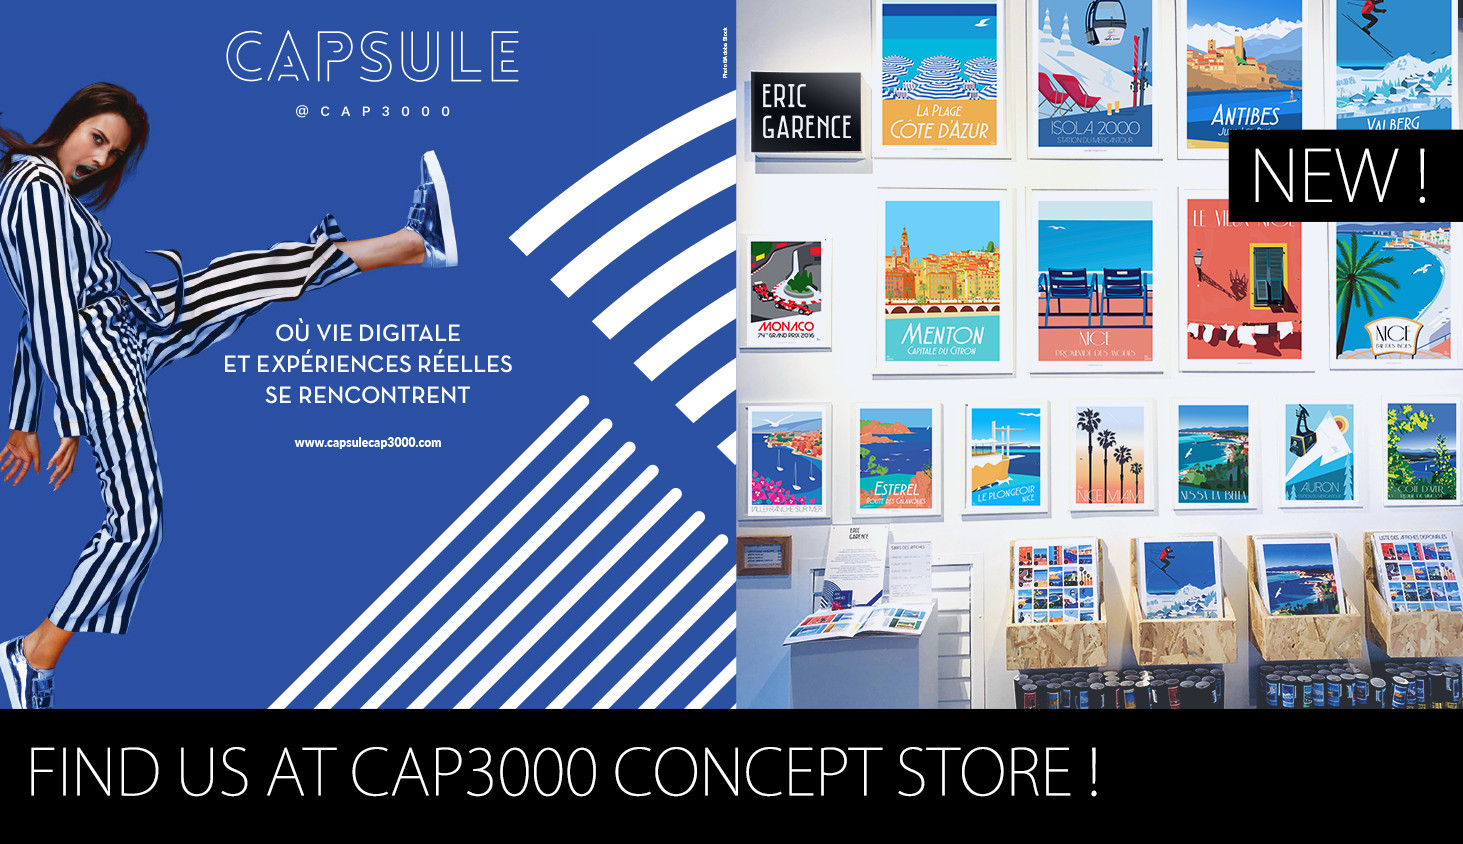 La Boutique Eric Garence à Capsule @ Cap3000